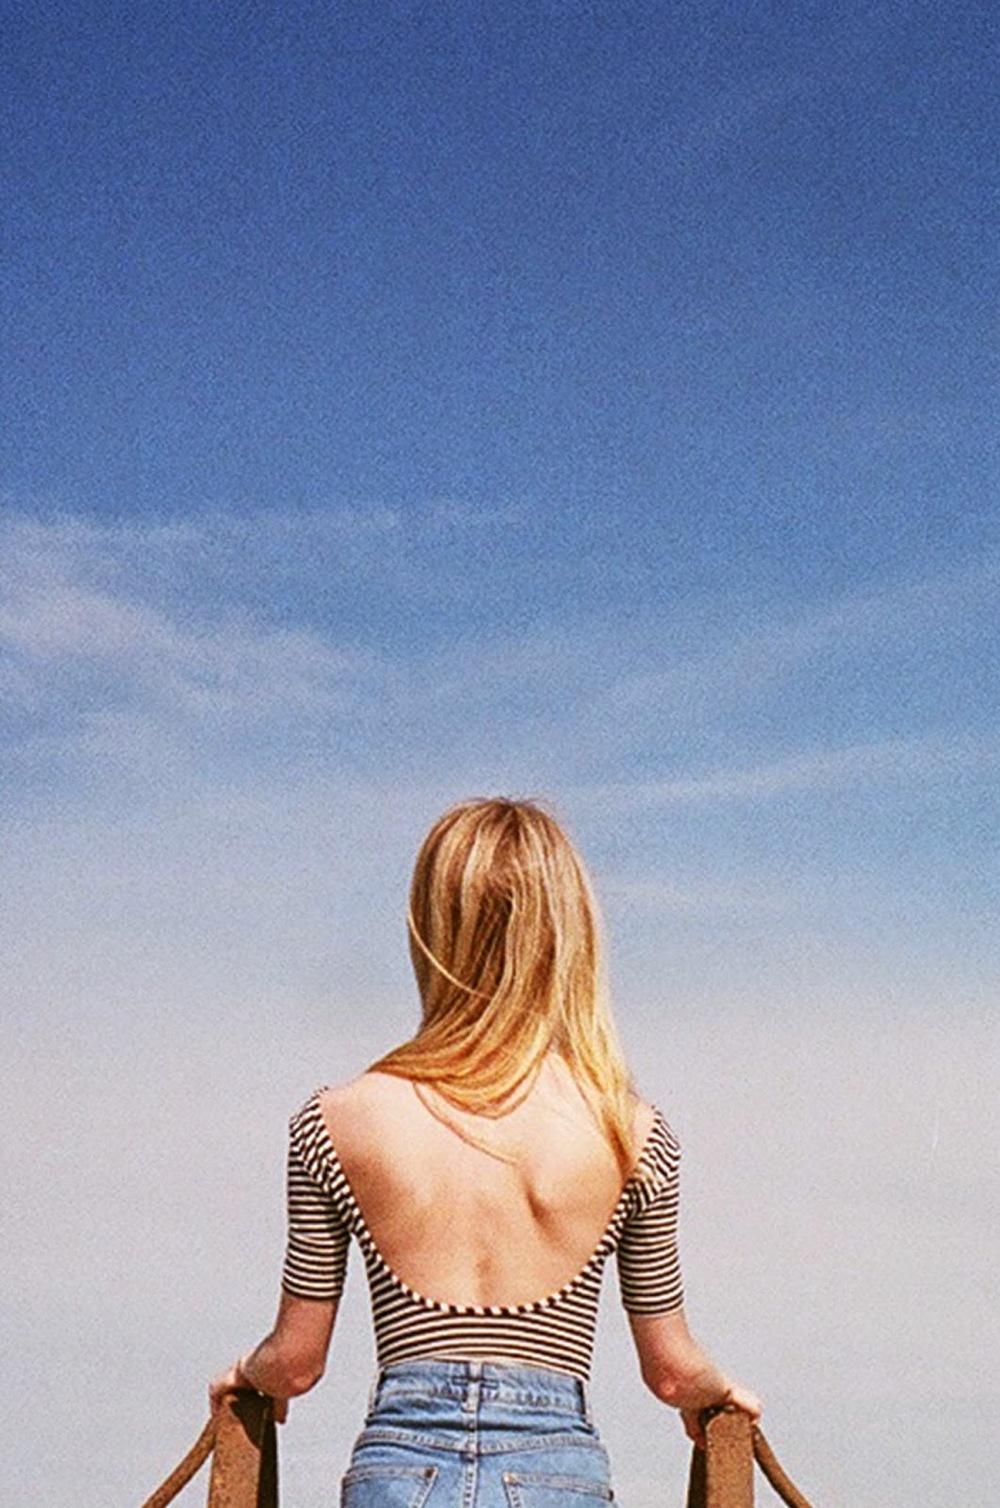 look ahead, by petite tenue